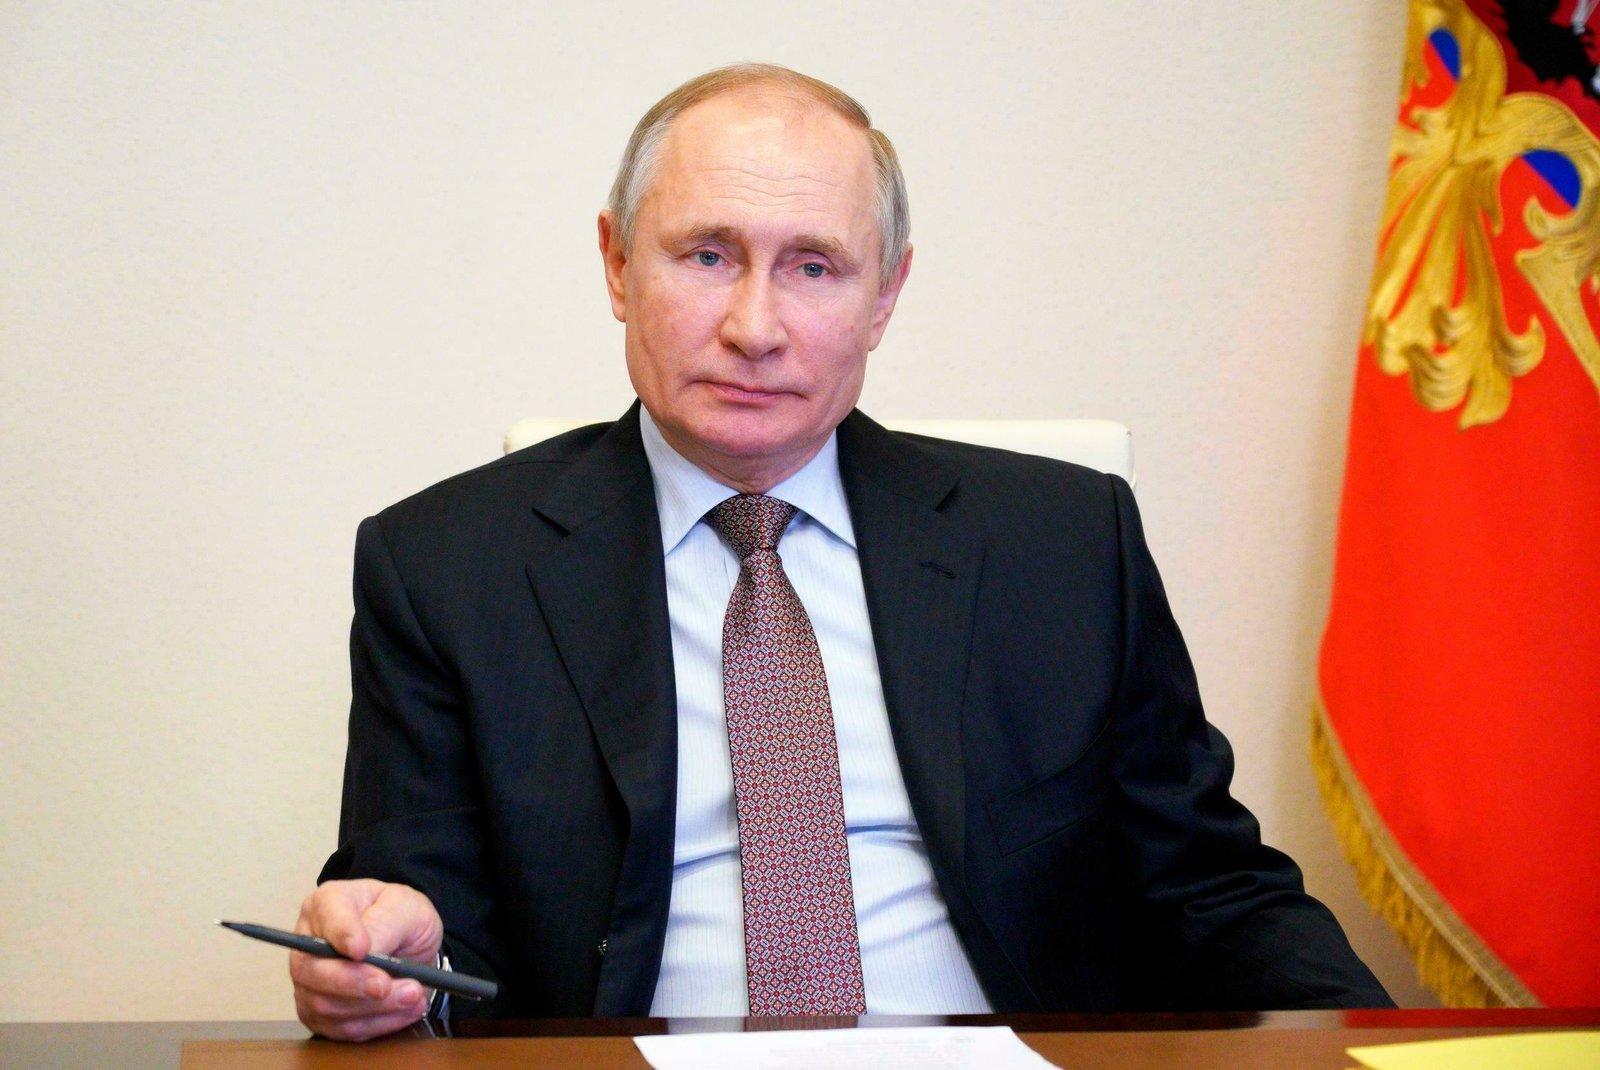 Putin conversa con Merkel y Macron sobre estancamiento de acuerdos de Minsk